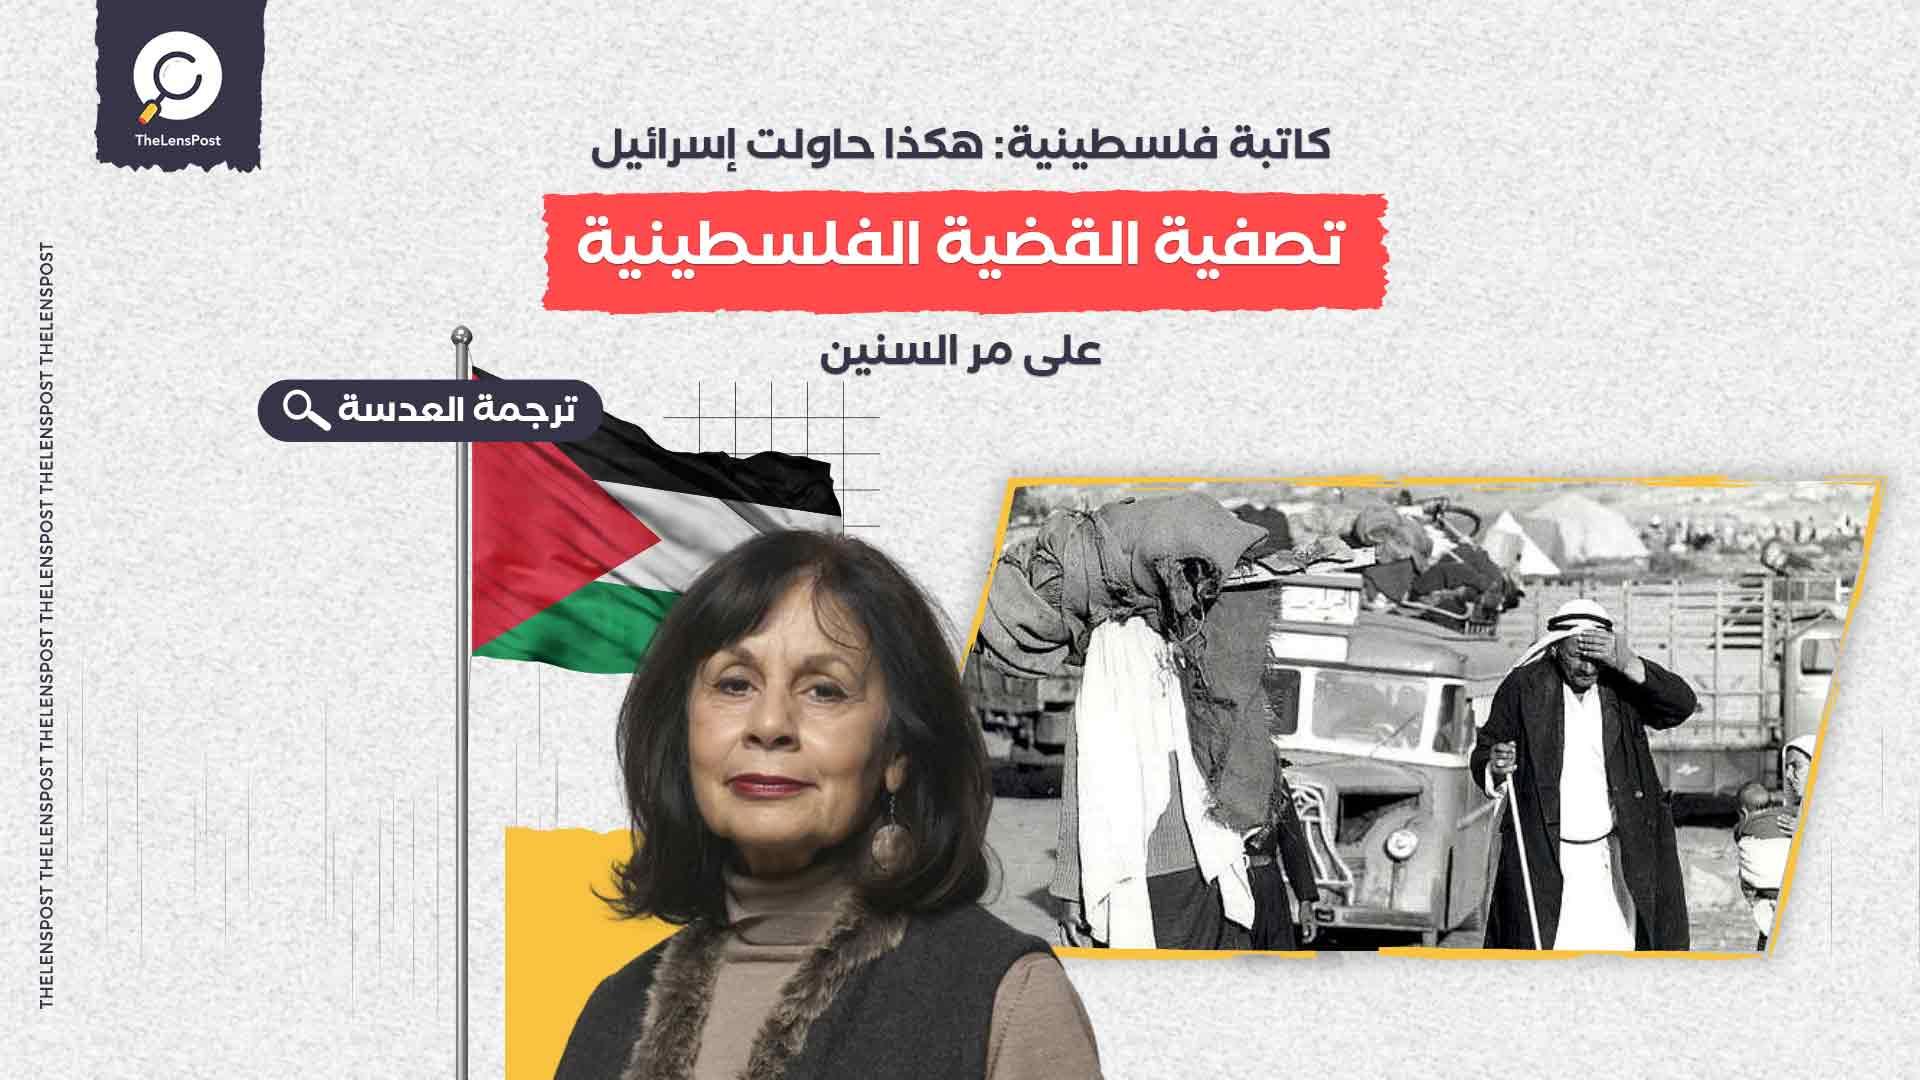 كاتبة فلسطينية: هكذا حاولت إسرائيل تصفية القضية الفلسطينية على مر السنين